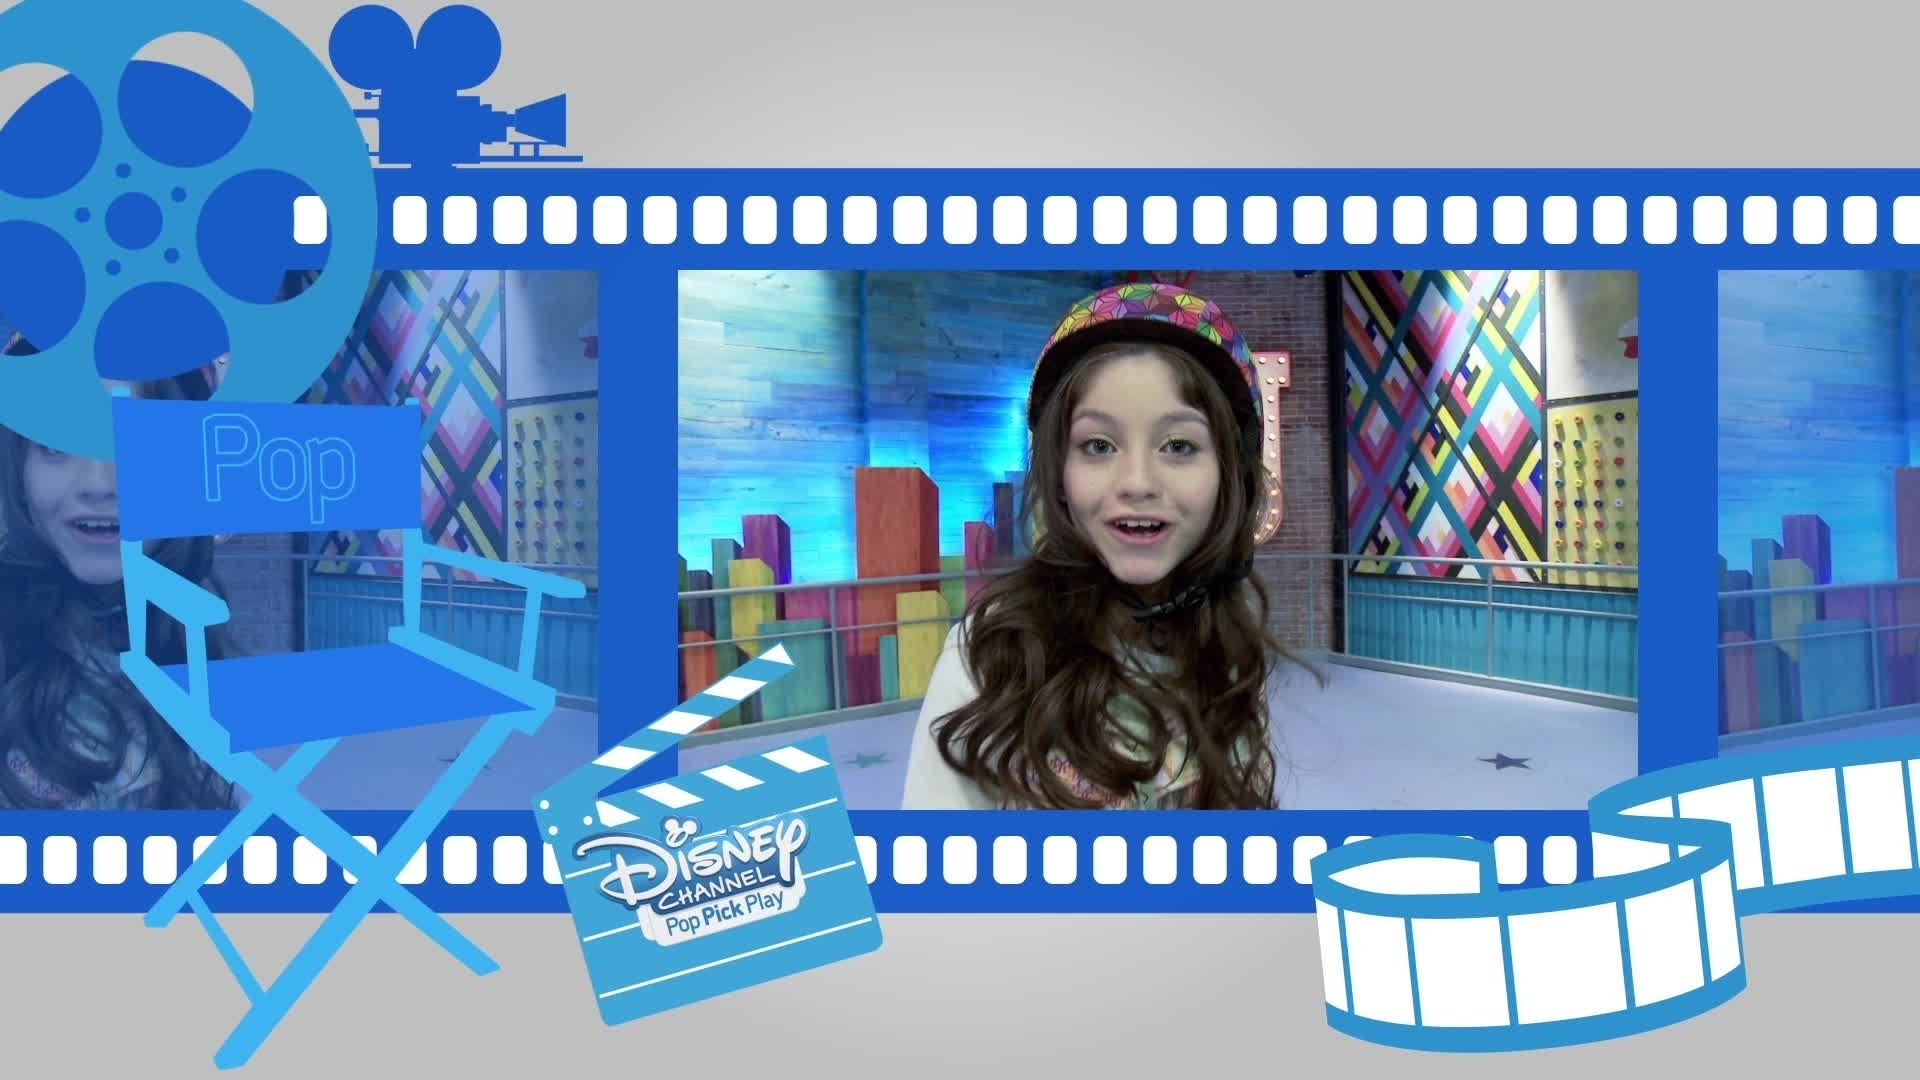 Découvre la nouvelle thématique du service Pop Pick Play de Disney Channel